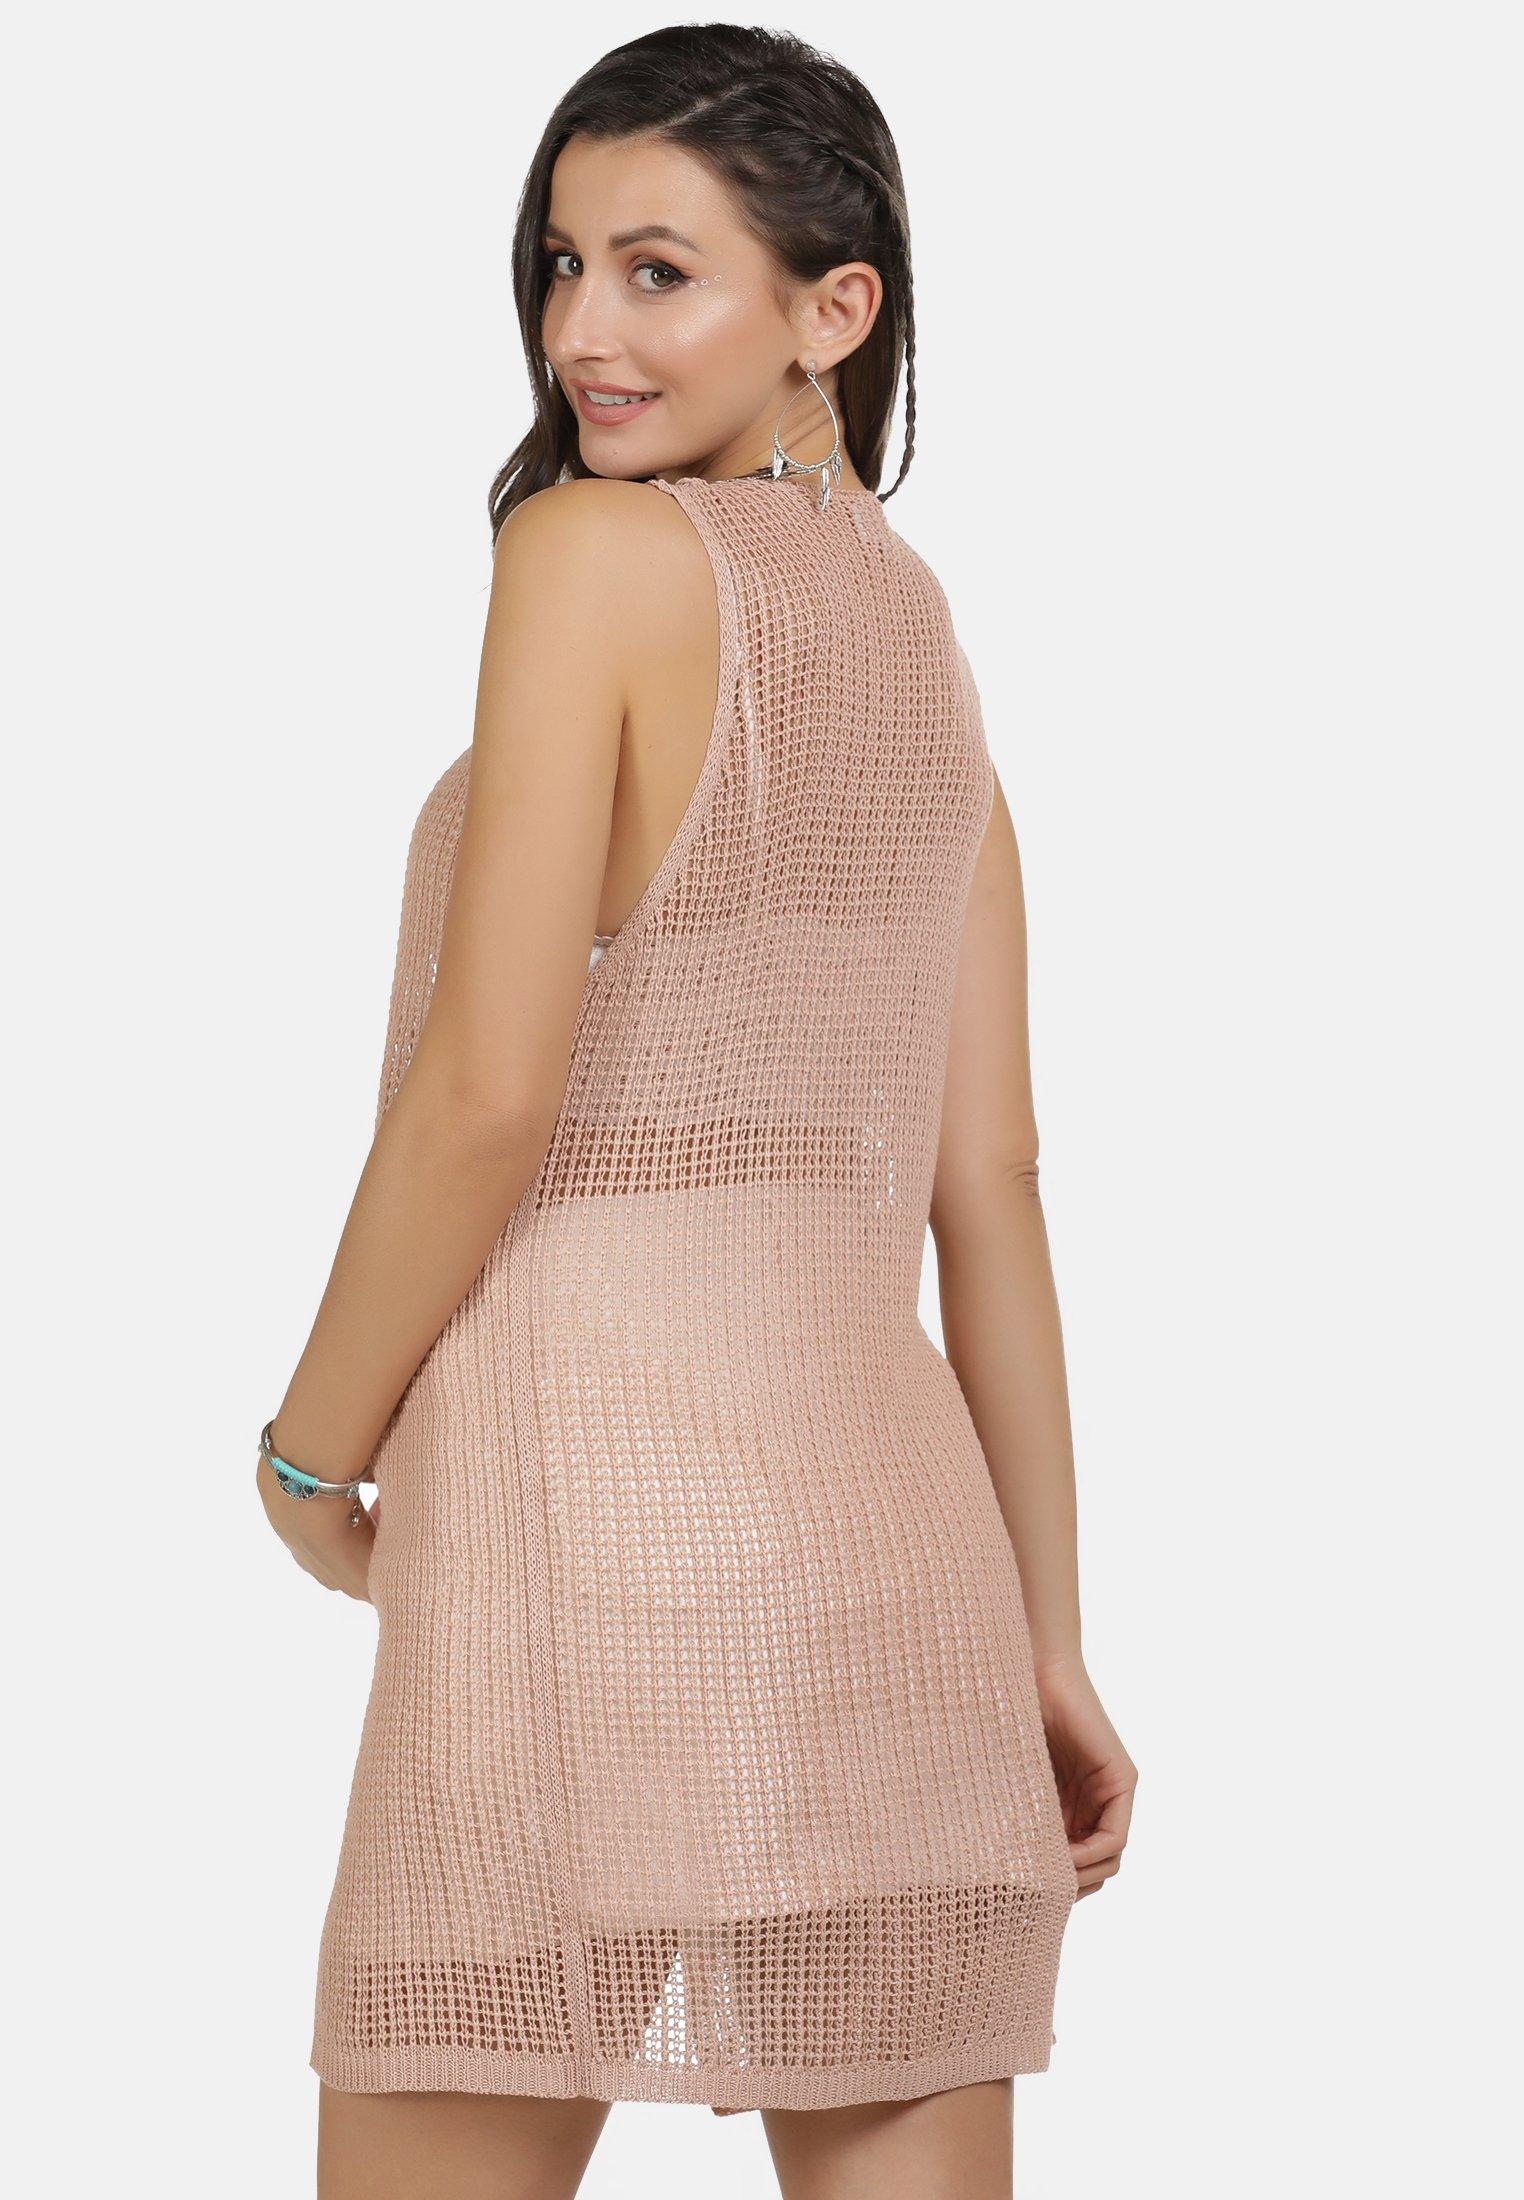 Hyper Online Women's Clothing usha WESTE Cardigan pink CkwboAysL